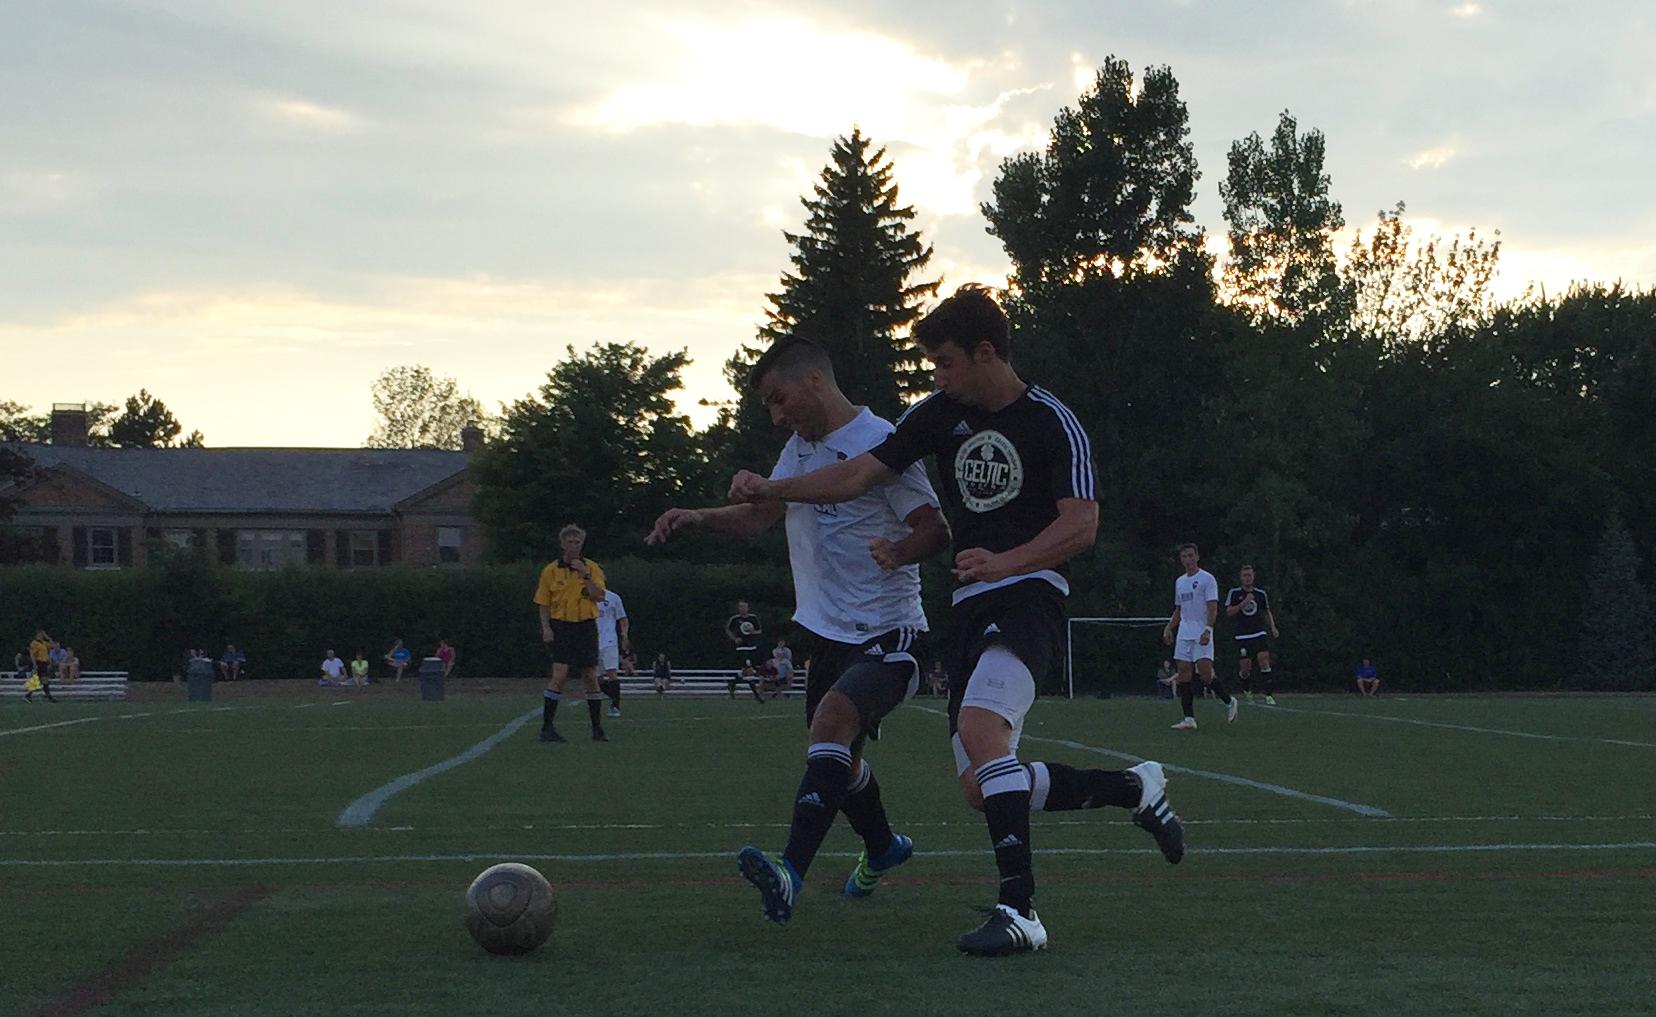 Francesco Strangio, in white, battles for a loose ball with Celtic United's Luke Loecher. (Ben Tsujimoto/Buffalo News)